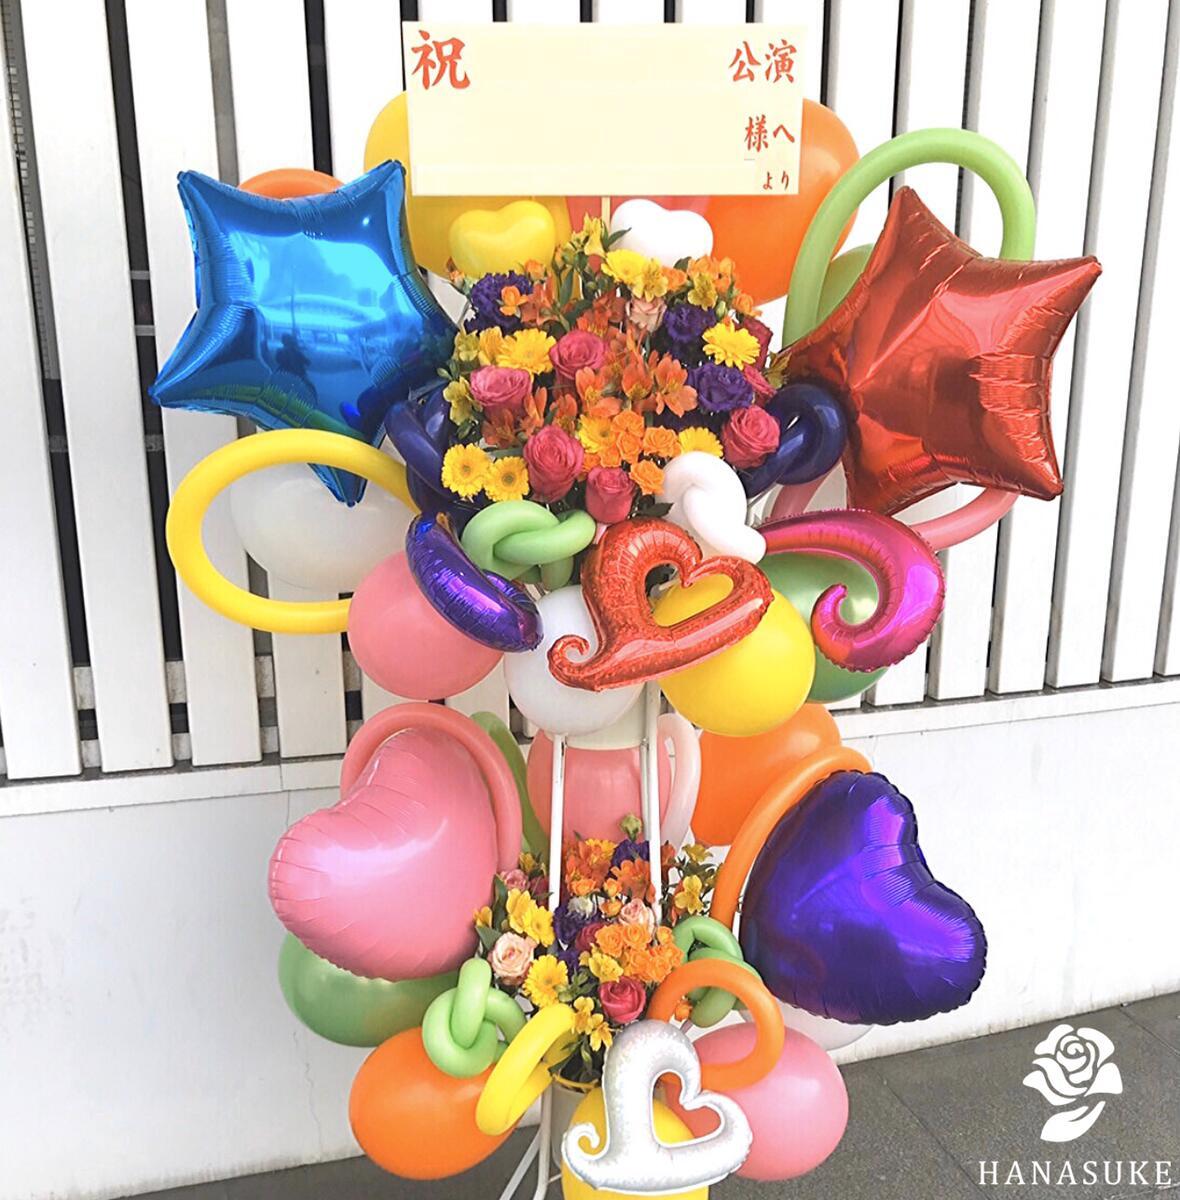 【バルーンフラワースタンド花】フラワーコンシェルジュが厳選した花屋のバルーンスタンド花 2段 20000円 送料無料 即日発送【楽ギフ_メッセ入力】【あす楽対応】